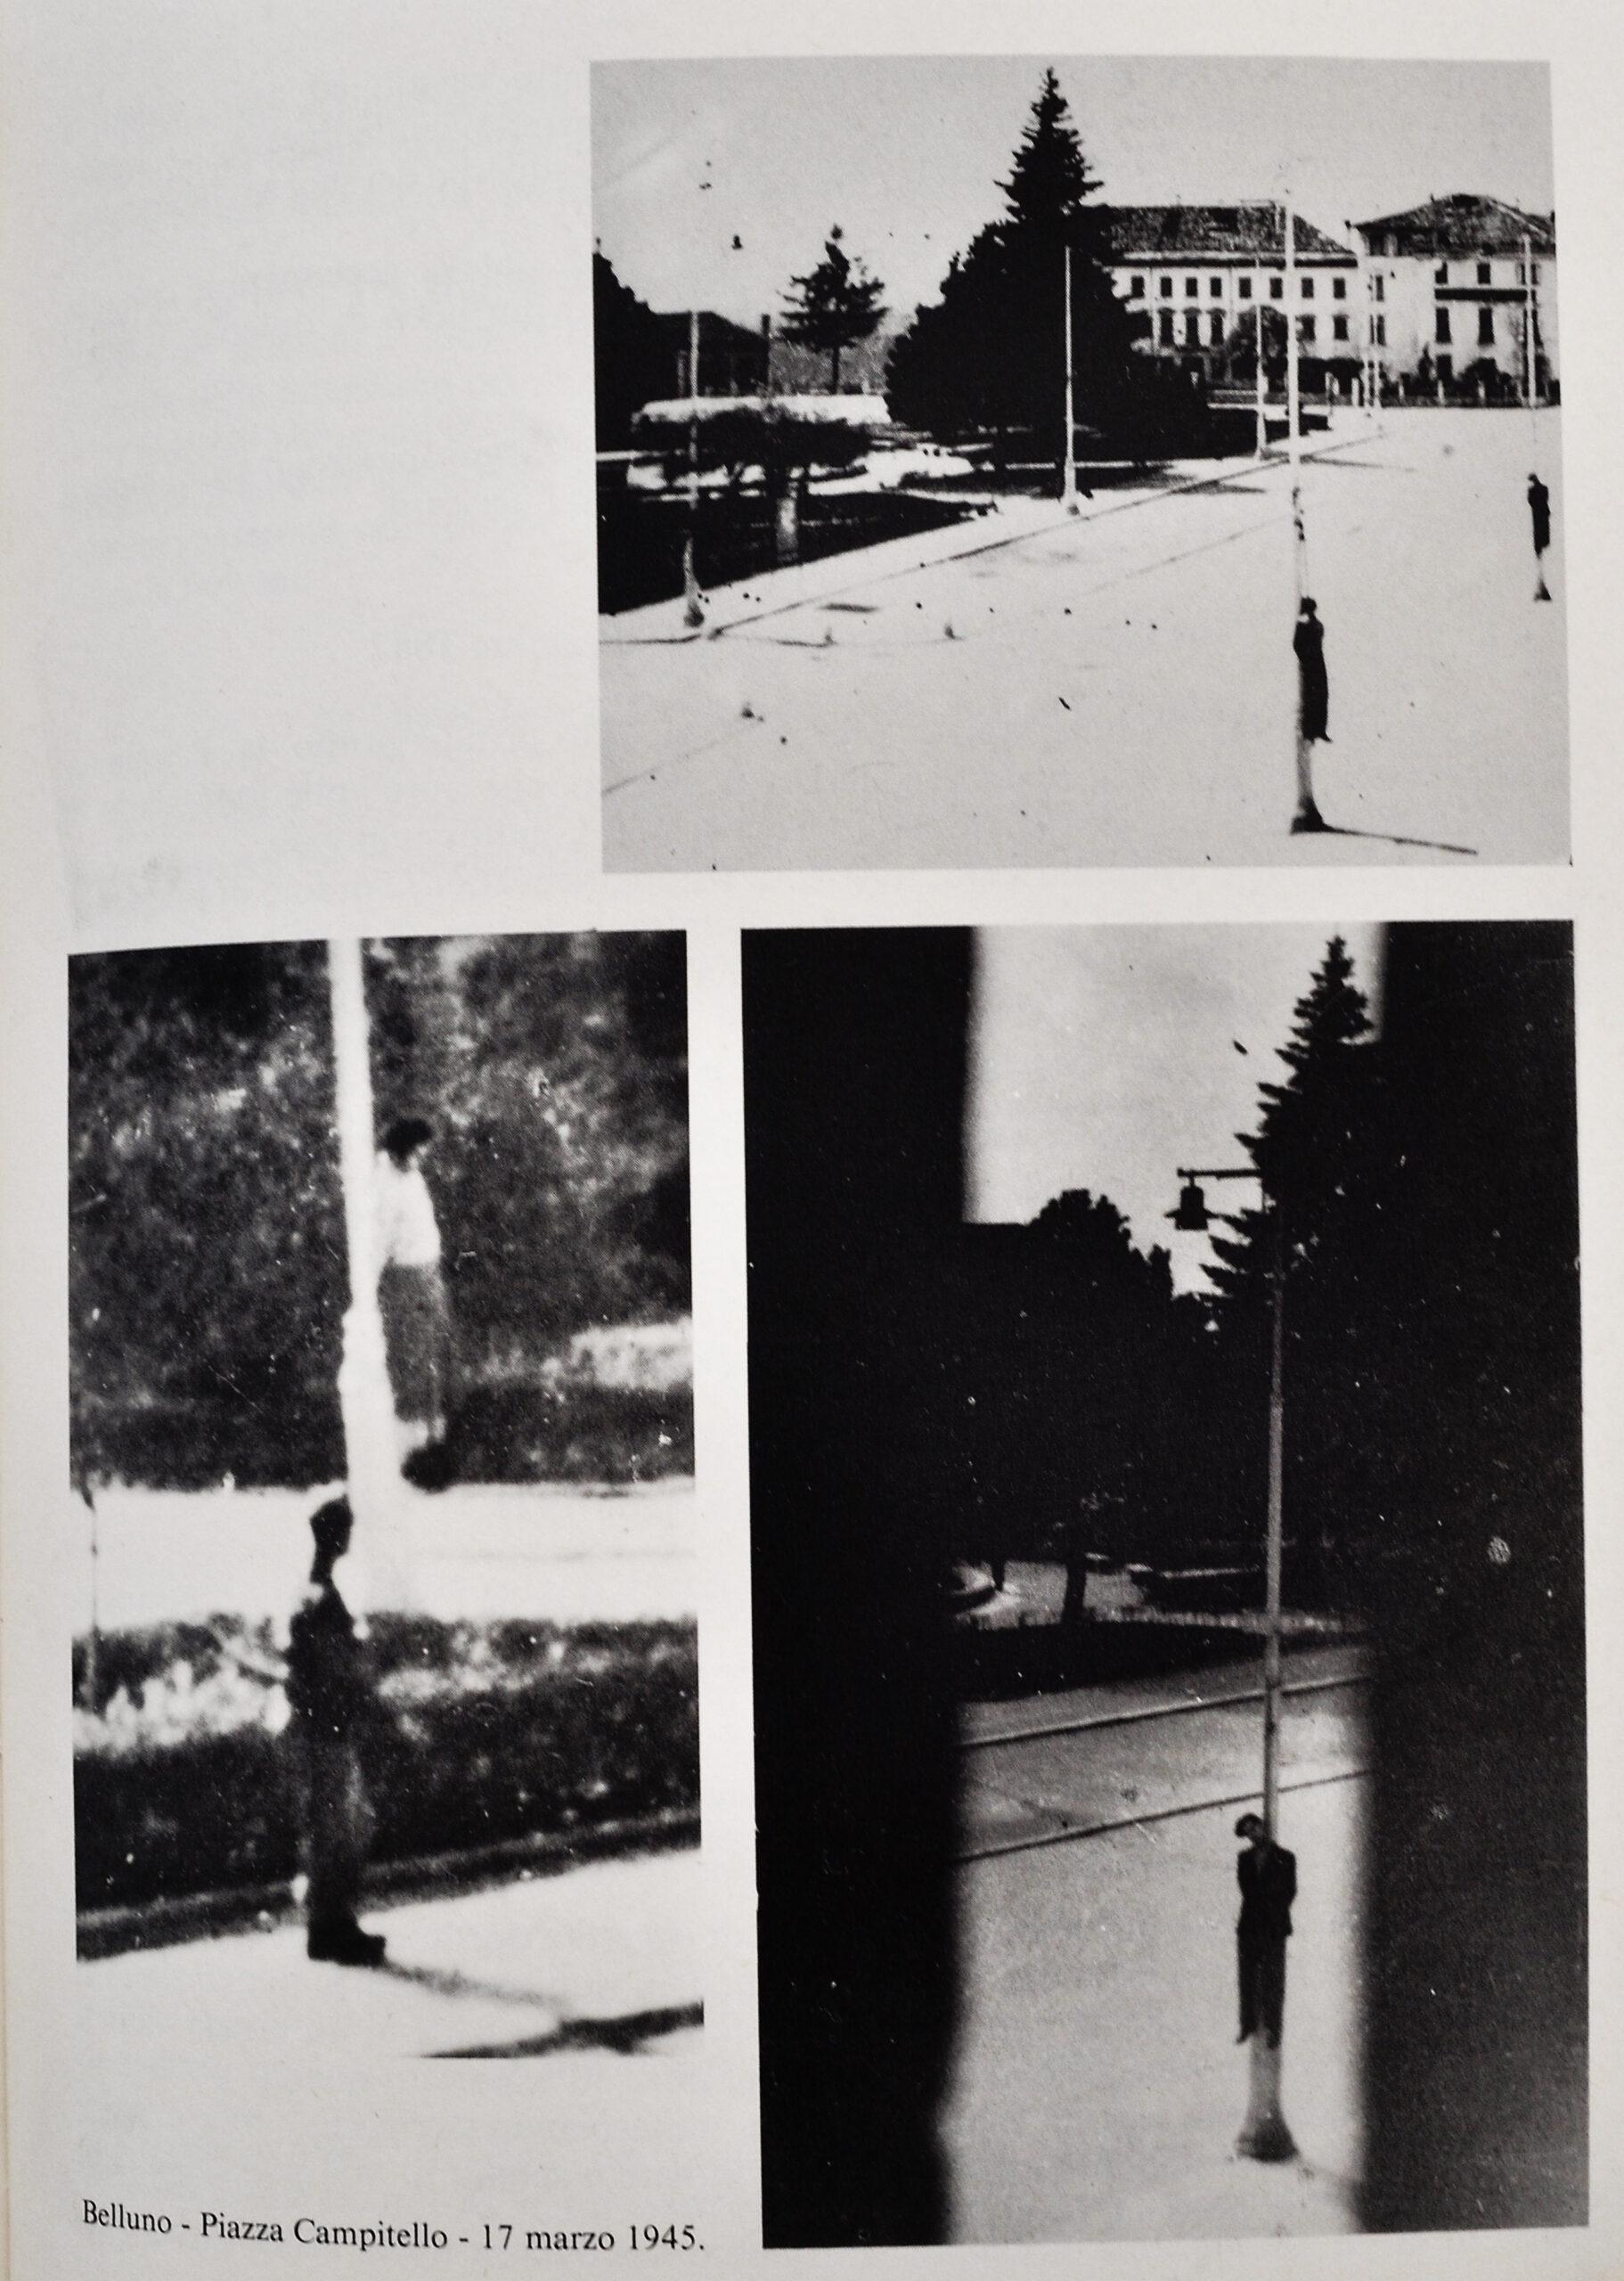 piazza campitello scaled Bosco delle castagne: 10 marzo 1945